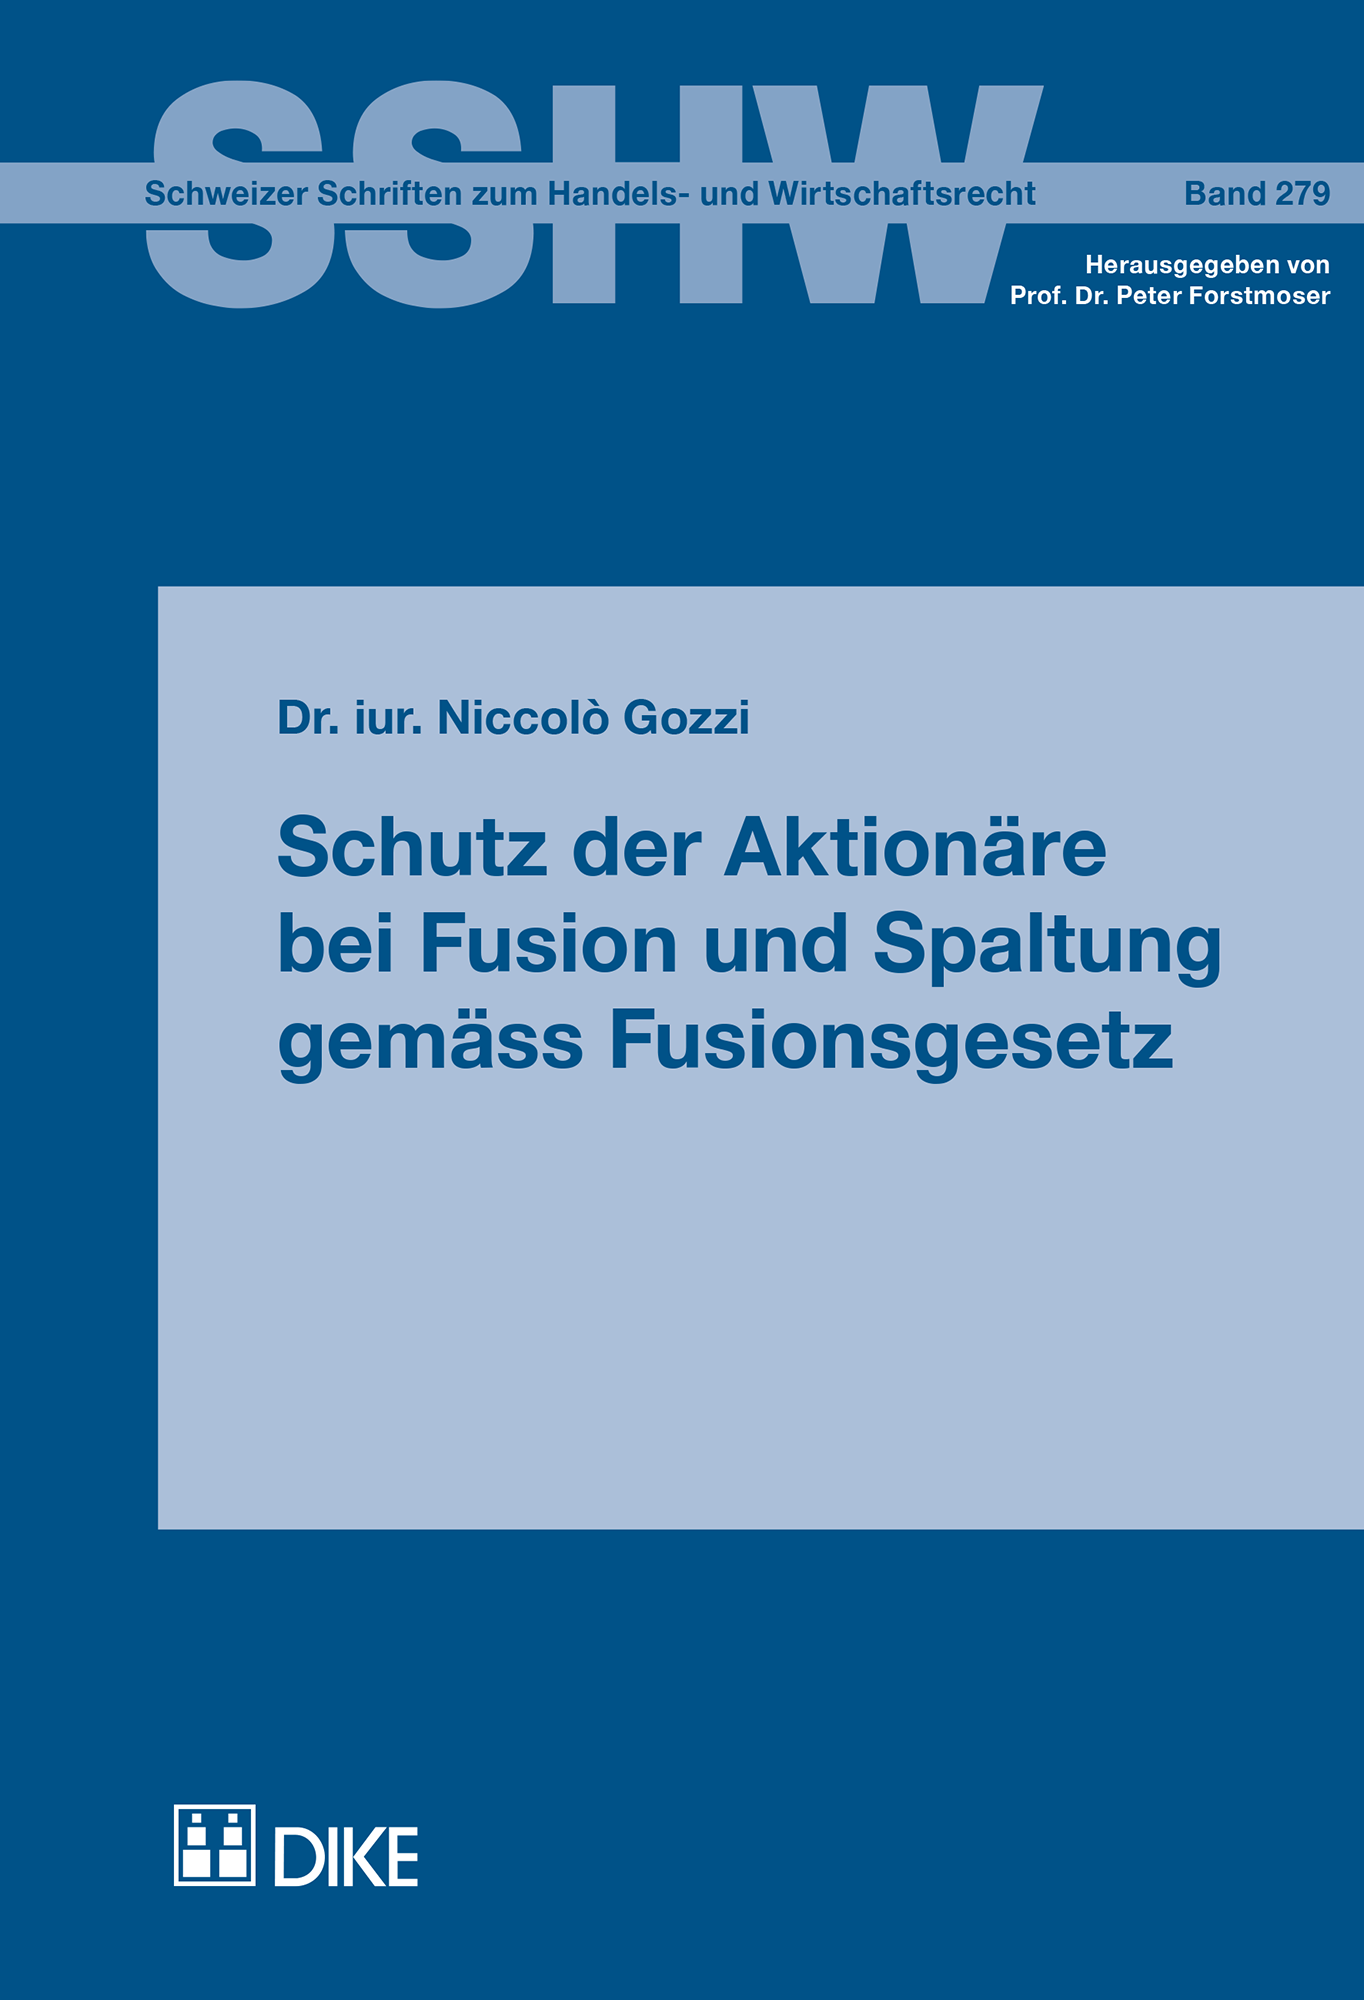 Schutz der Aktionäre bei Fusion und Spaltung gemäss Fusionsgesetz